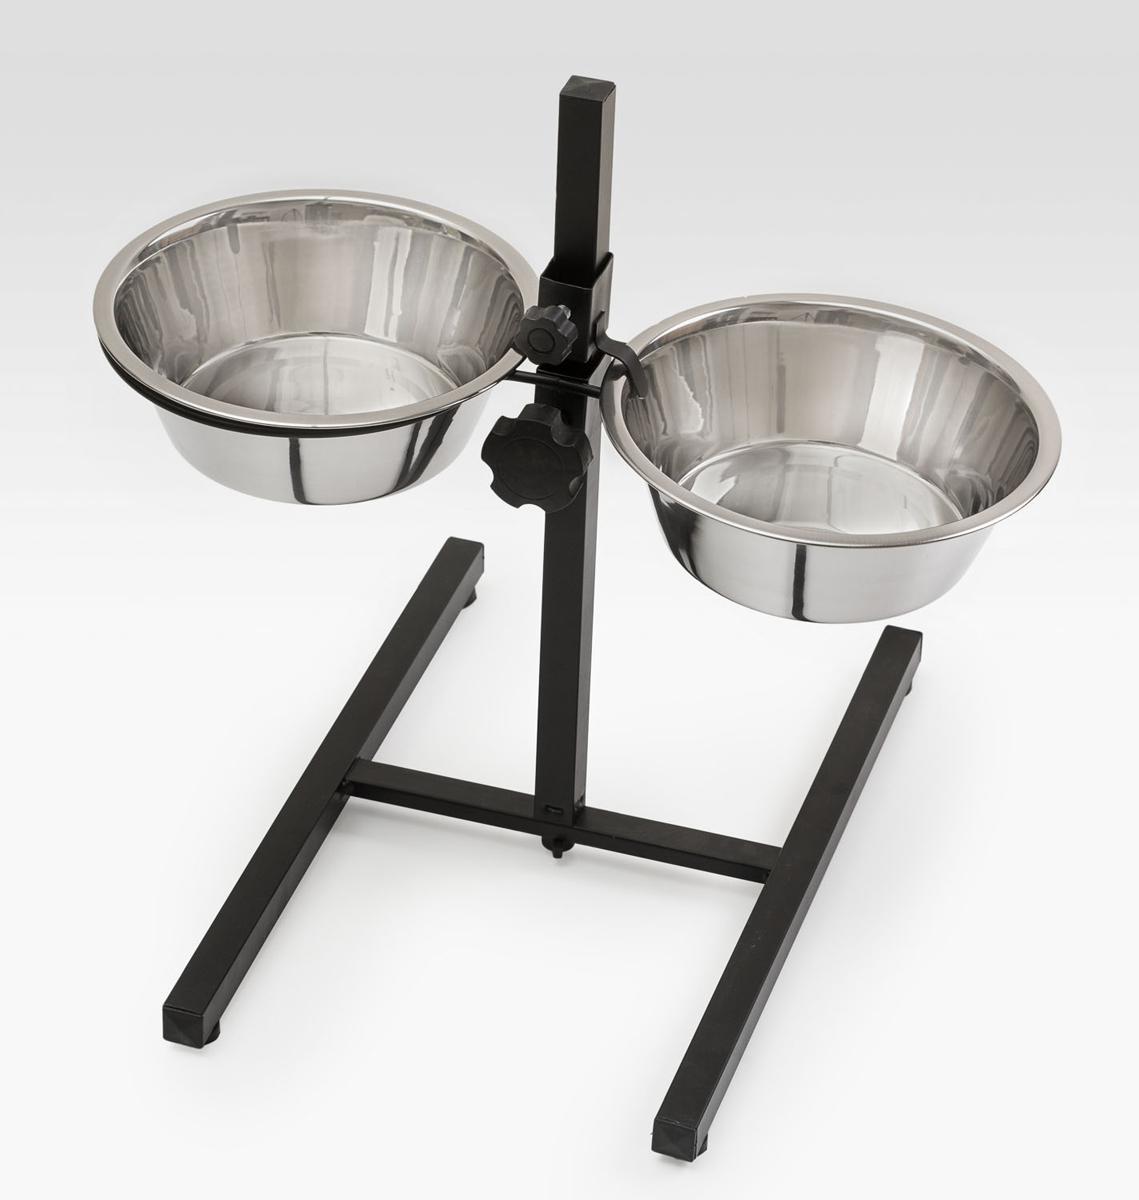 Миска для собак VM Double Diner, двойная, с телескопической подставкой, 2 х 2,8 л3167Двойная миска VM Double Diner - это функциональный аксессуар для вашего питомца. Изделие состоит из двух мисок, выполненных из высококачественного металла. Миски размещены на телескопической подставке с прорезиненными вставками. Стильный дизайн придаст изделию индивидуальность и впишется в любое помещение. Объем одной миски: 2,8 л.Высота подставки: 53,5 см.